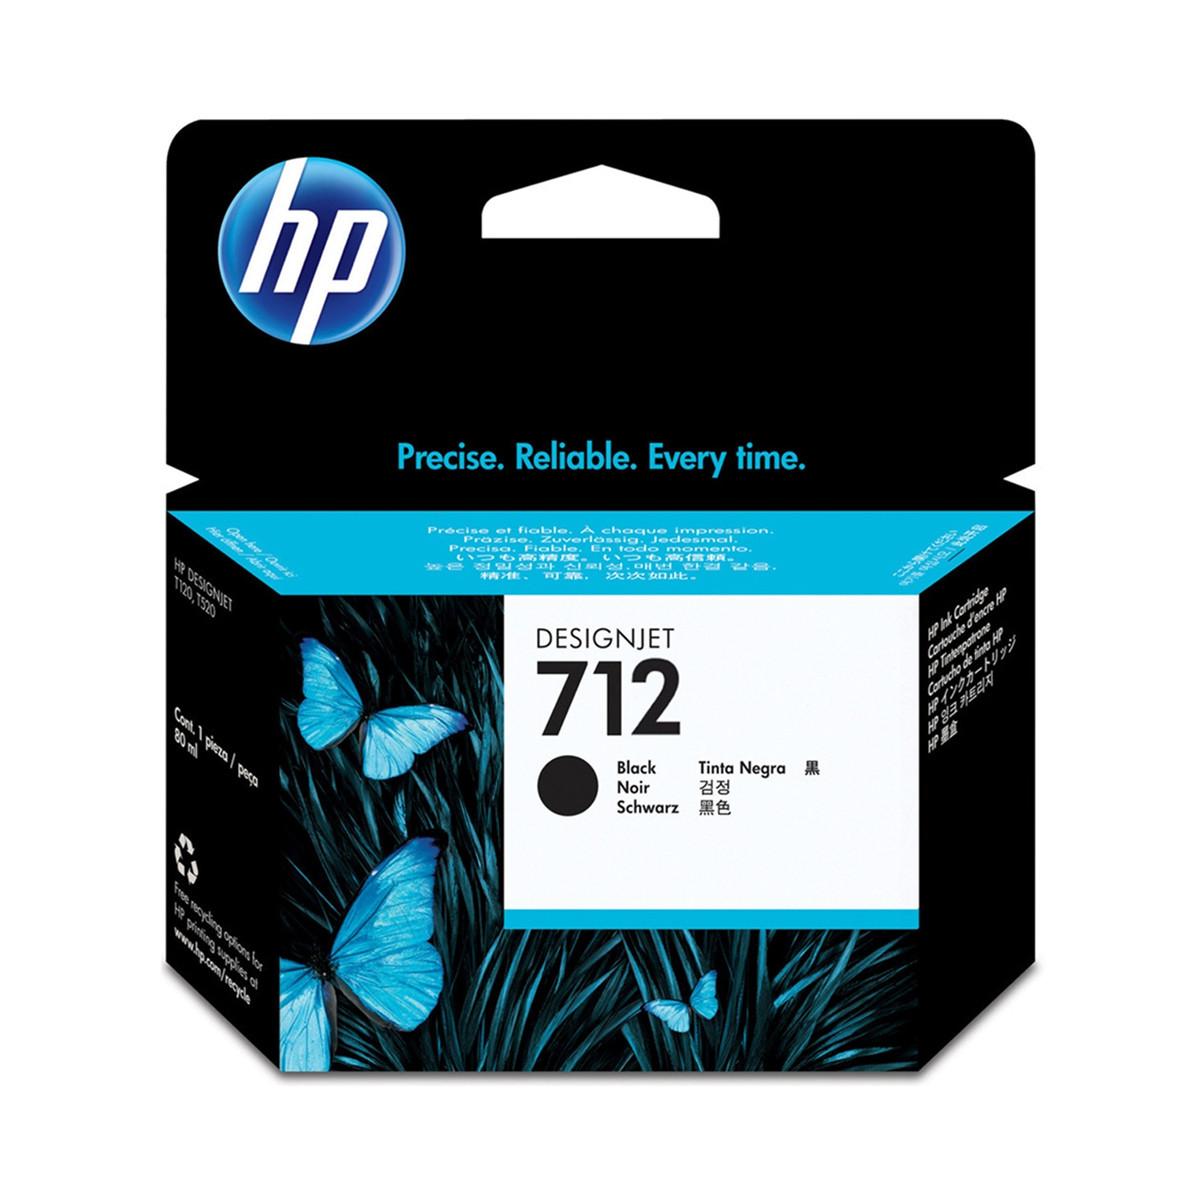 Cartucho de Tinta HP 712 Preto 3ED71A   Plotter T250 5HB06A T650 5HB08A 5HB10A   Original 80ml